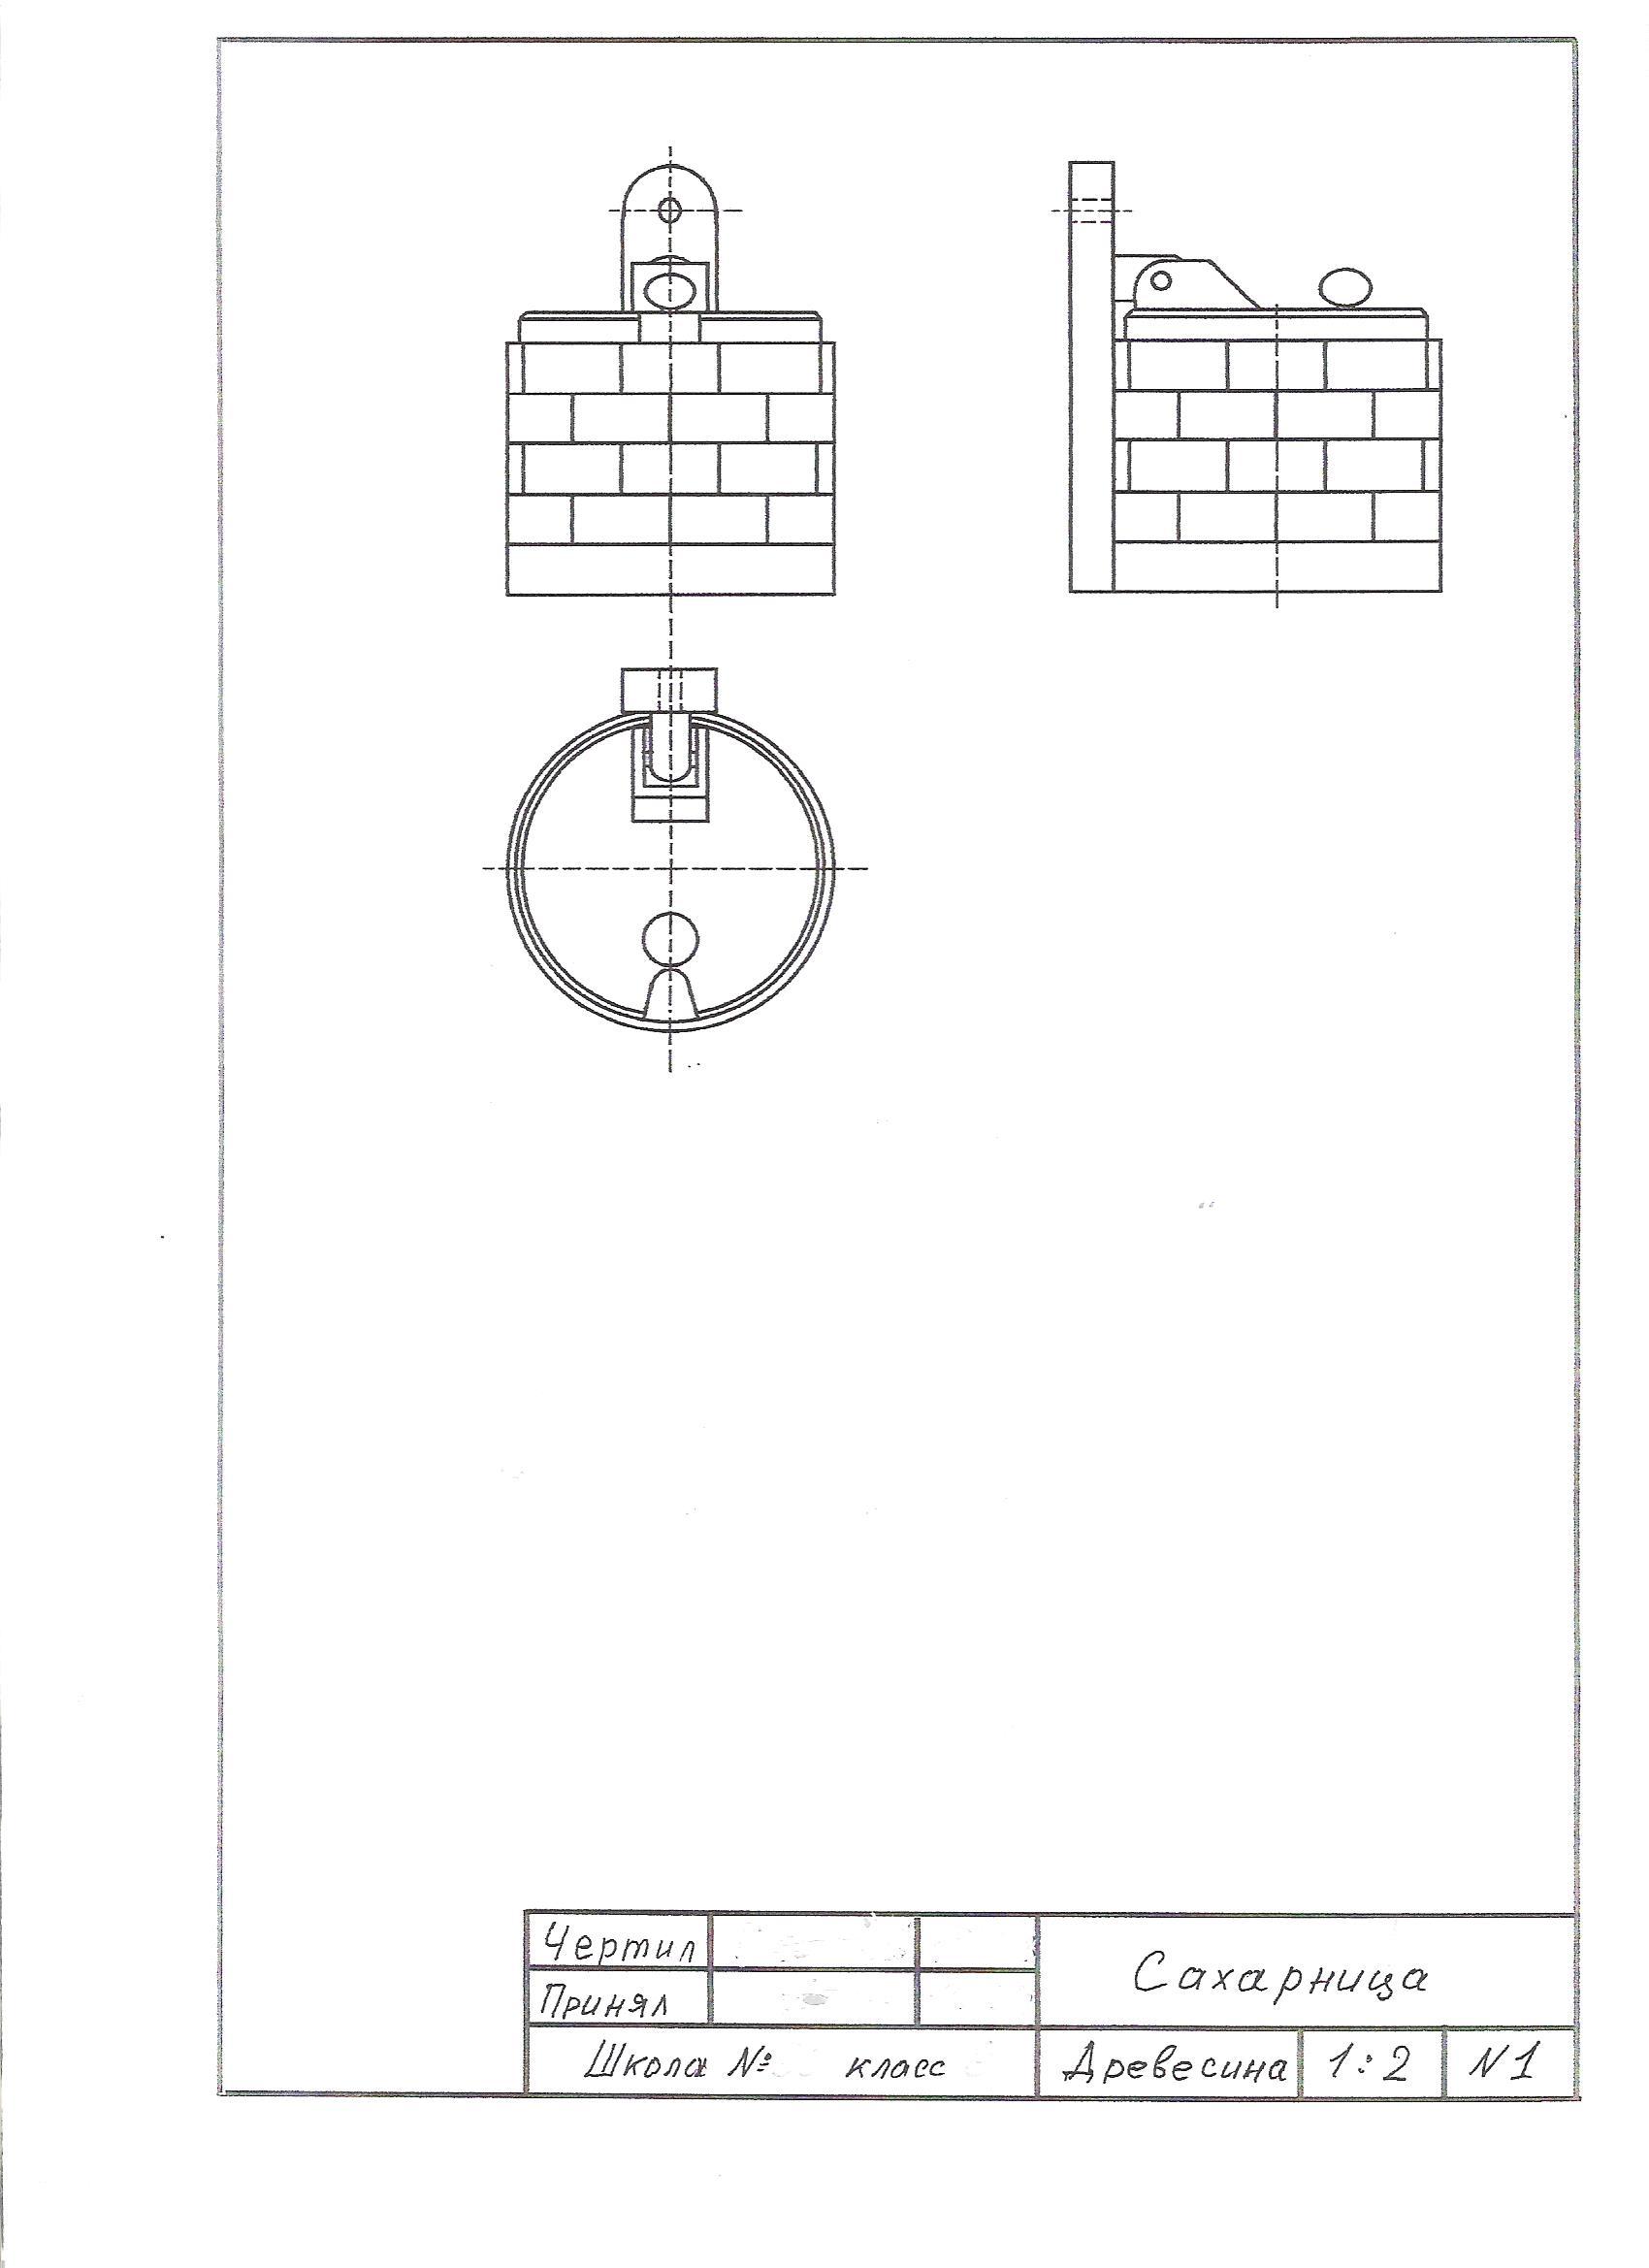 C:\Users\володя\Desktop\Технологическая карта изготовления сахарницы. Близнюк В.Ю\1.jpeg